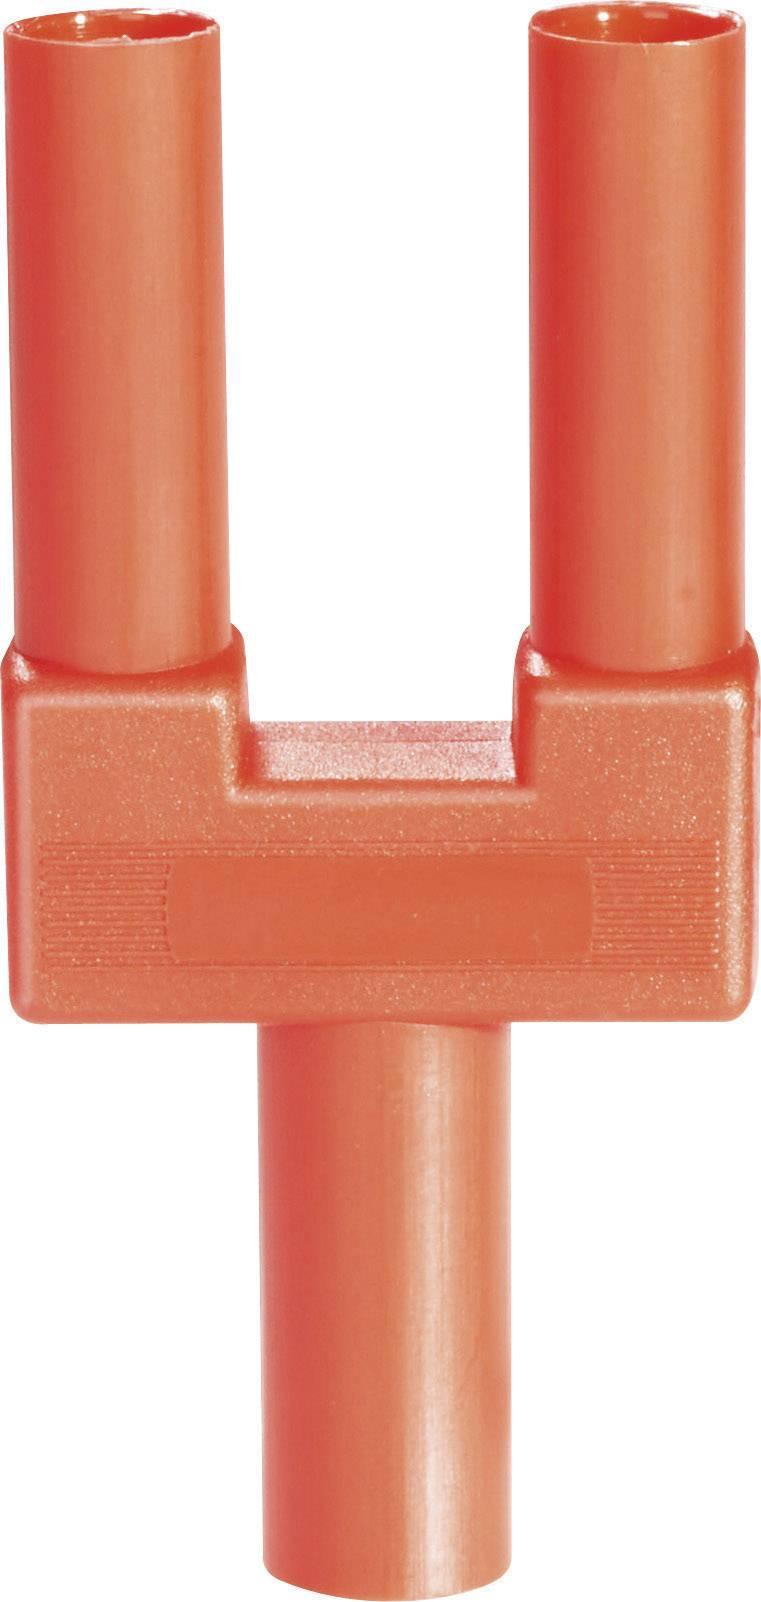 Bezpečnostní zkratovací konektor Schnepp SI-FK 19/4 mB rt, 25 A, červená, 19 mm